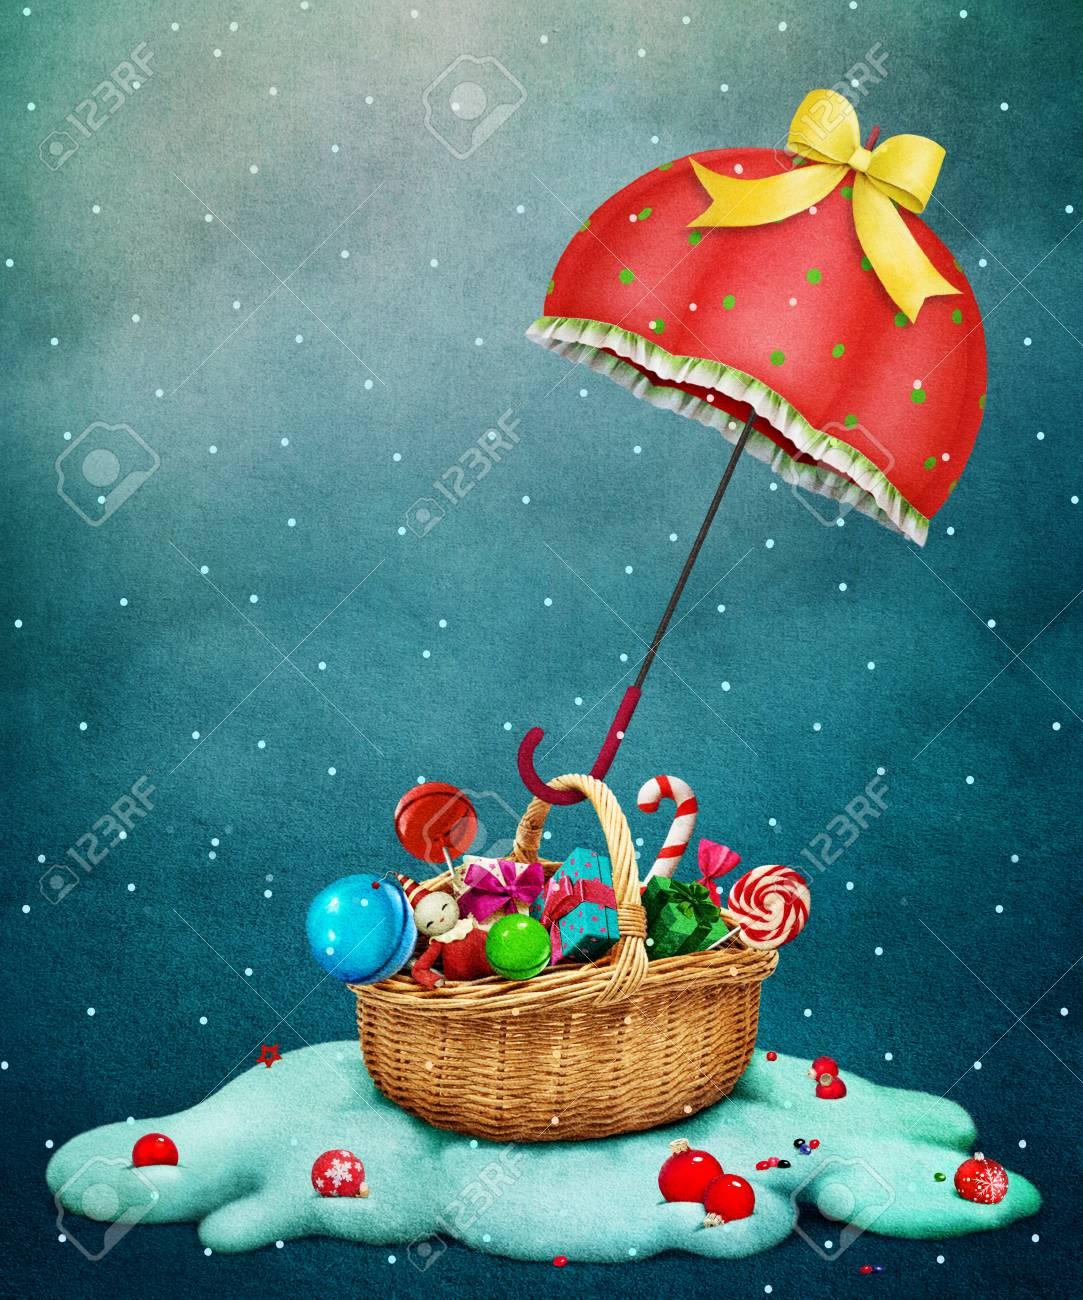 Carte De Voeux De Vacances Fantaisie Pour Noël Avec Parapluie